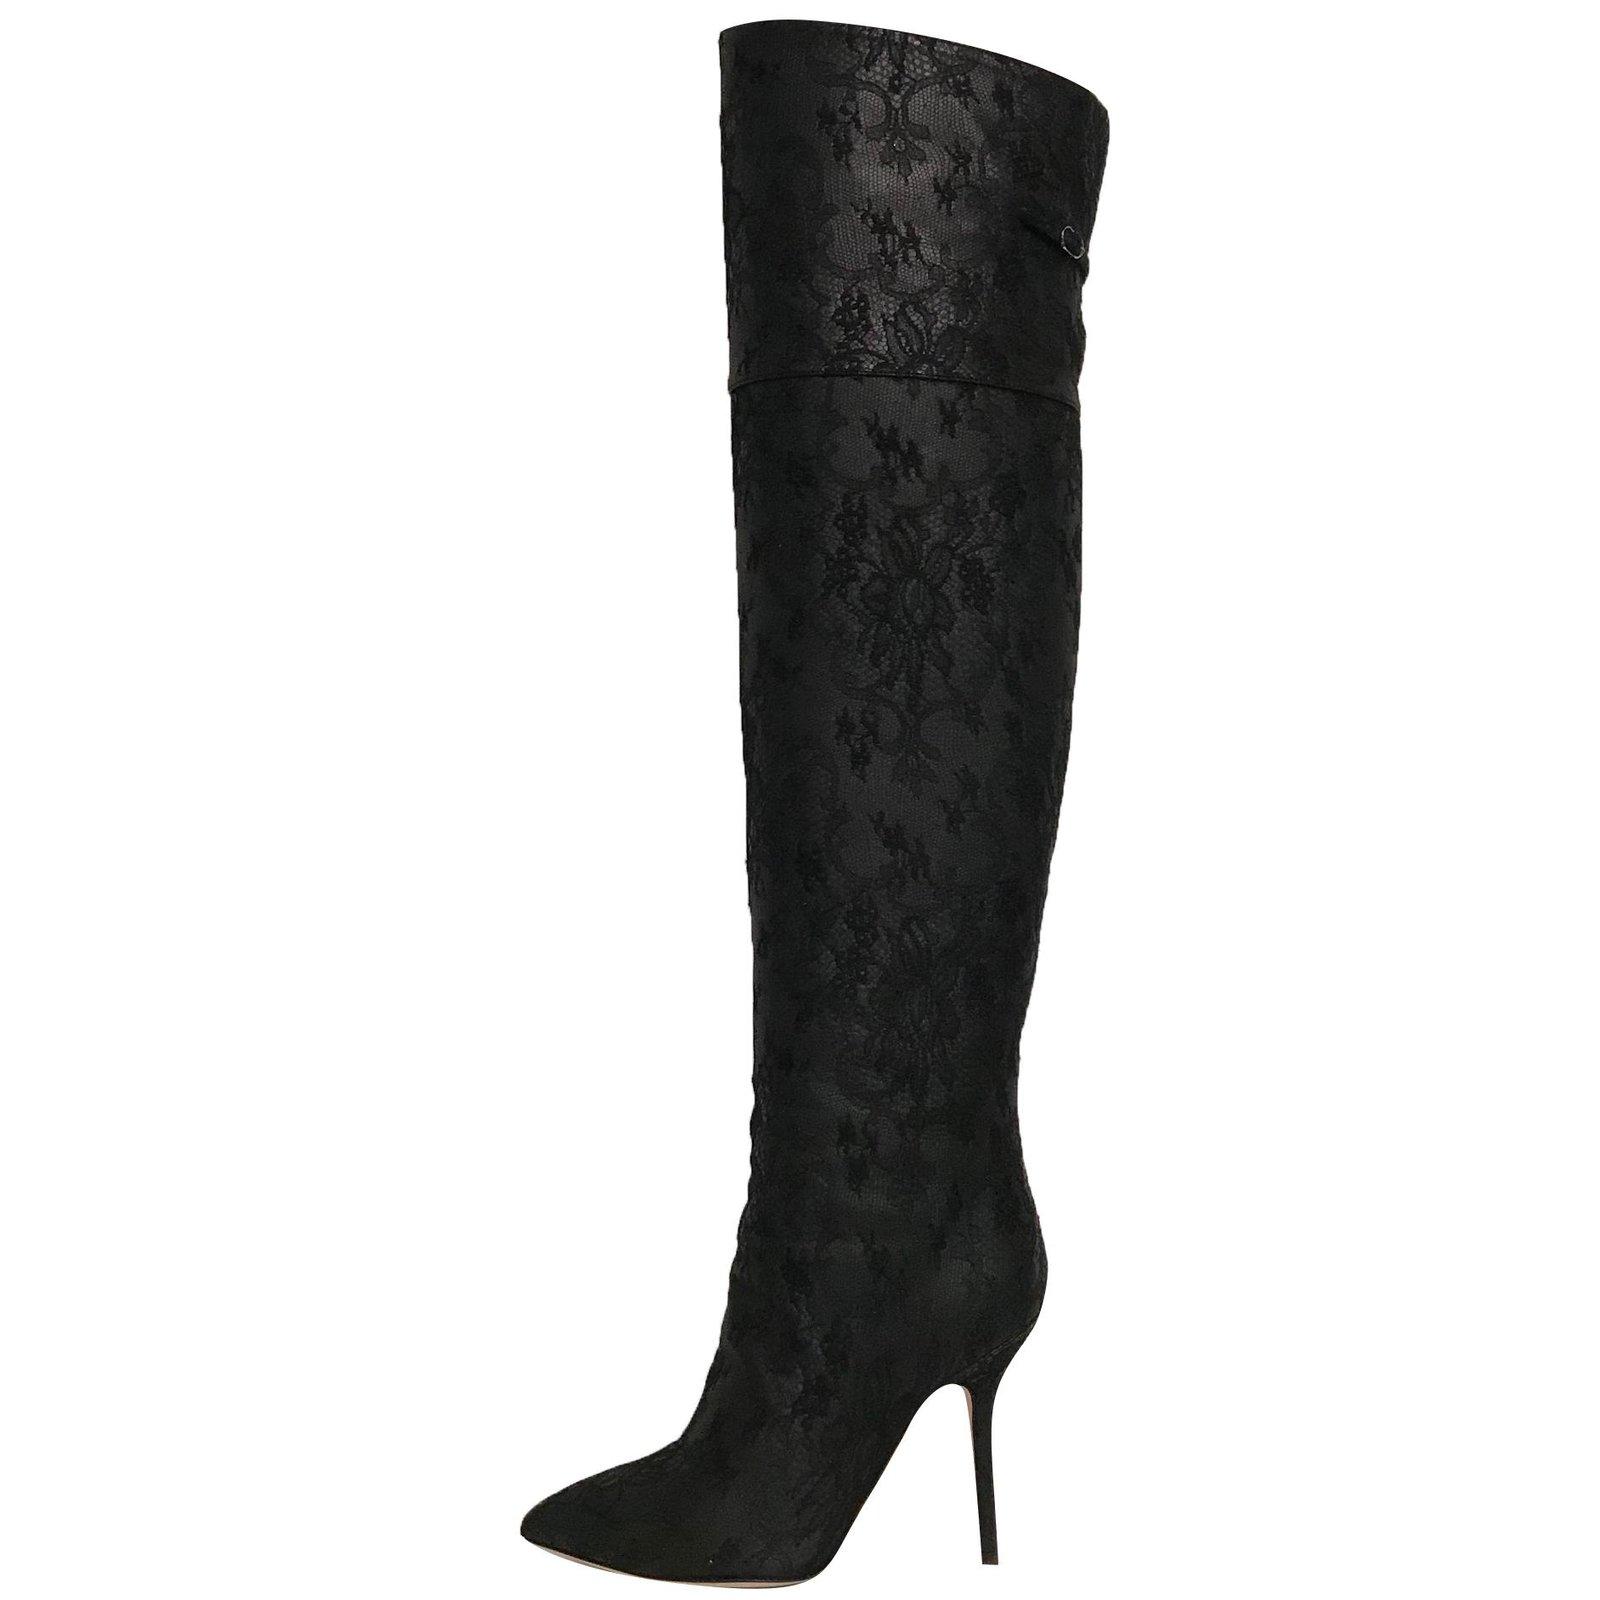 Dolce \u0026 Gabbana Thigh-high boots Boots